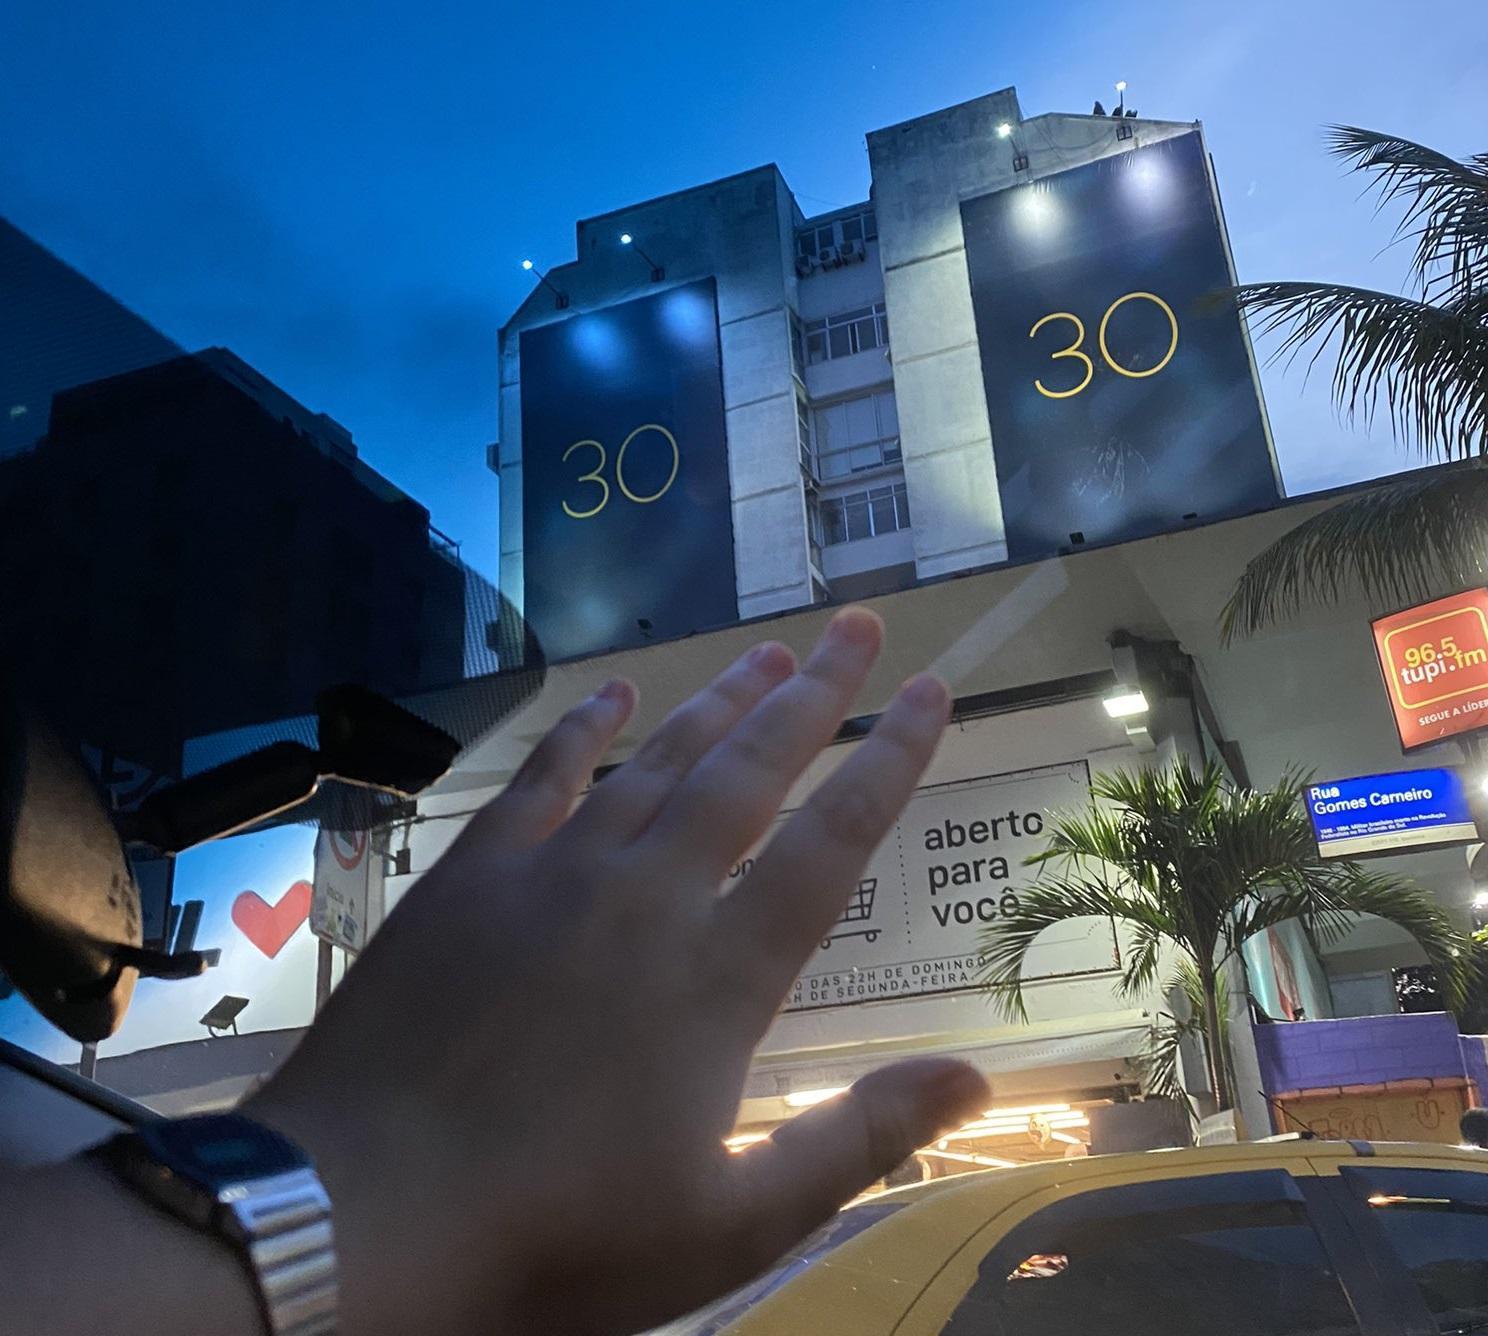 Fã clube da cantora no Brasil registrou ação publicitária de Adele em outdoor no Rio de Janeiro